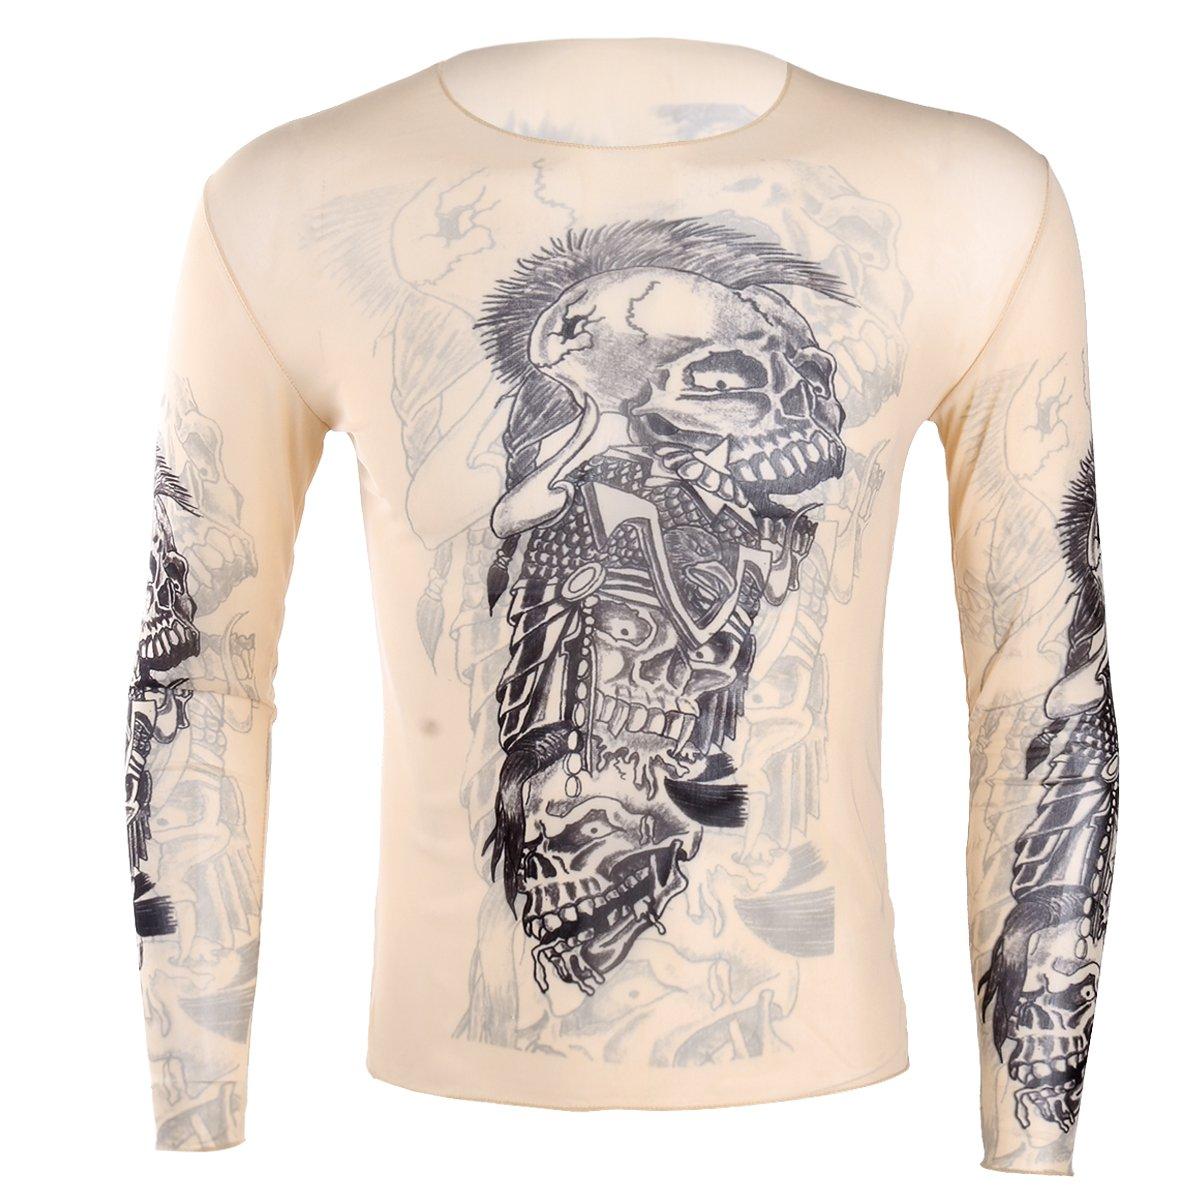 YiZYiF Maglietta da Uomo T-Shirt Trasparente a Manica Lunga Rete Slim Fit Stampata Tatuaggi Floreale Canotta Cosplay Sottile Traspirante Top Prospettiva Underwear Clubwear